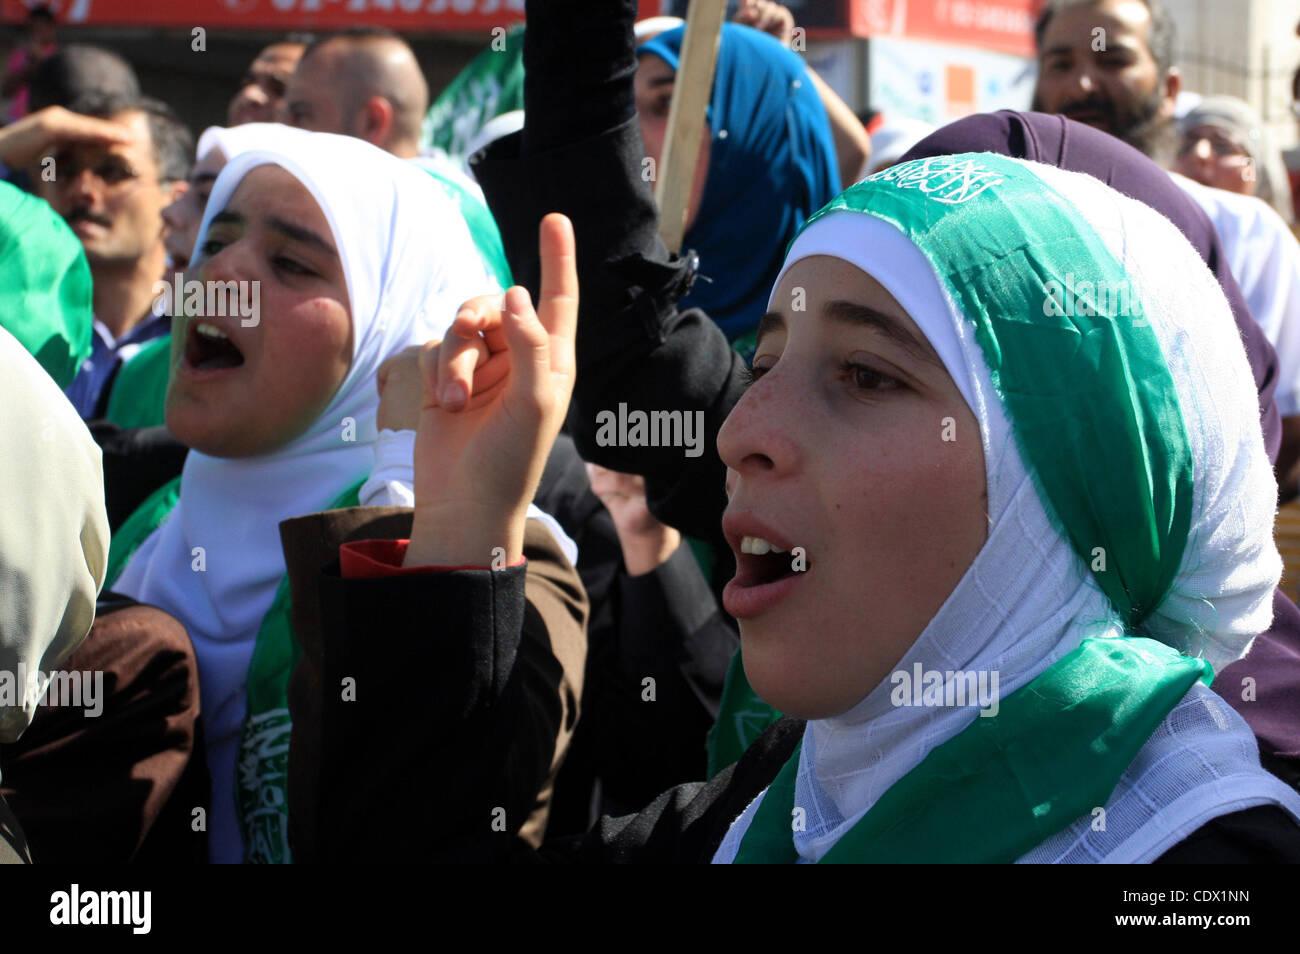 Octubre 18, 2011 - Ramallah, Ribera Occidental, Territorio Palestino - presos palestinos liberados son bienvenidos a casa de sus amigos y familiares a su llegada en Ramallah, en la Ribera Occidental, el 18 de octubre de 2011. 477 presos palestinos fueron liberados el 18 de octubre de 2011 a cambio de la liberación de Gilad Shal Foto de stock